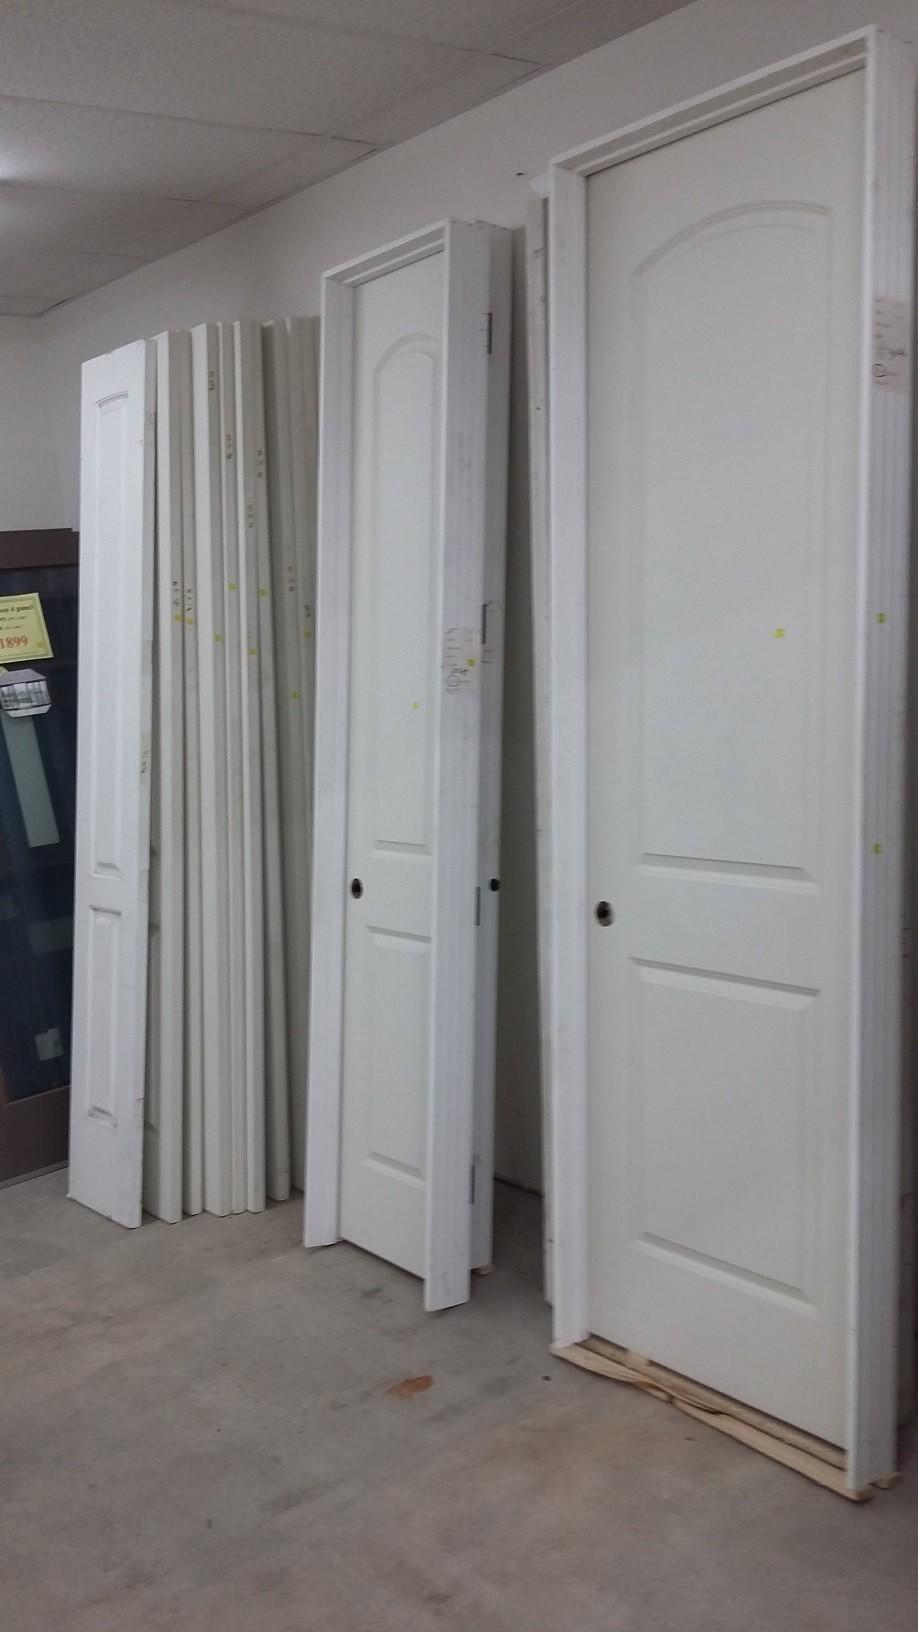 8 ft. interior doors  DiggersList